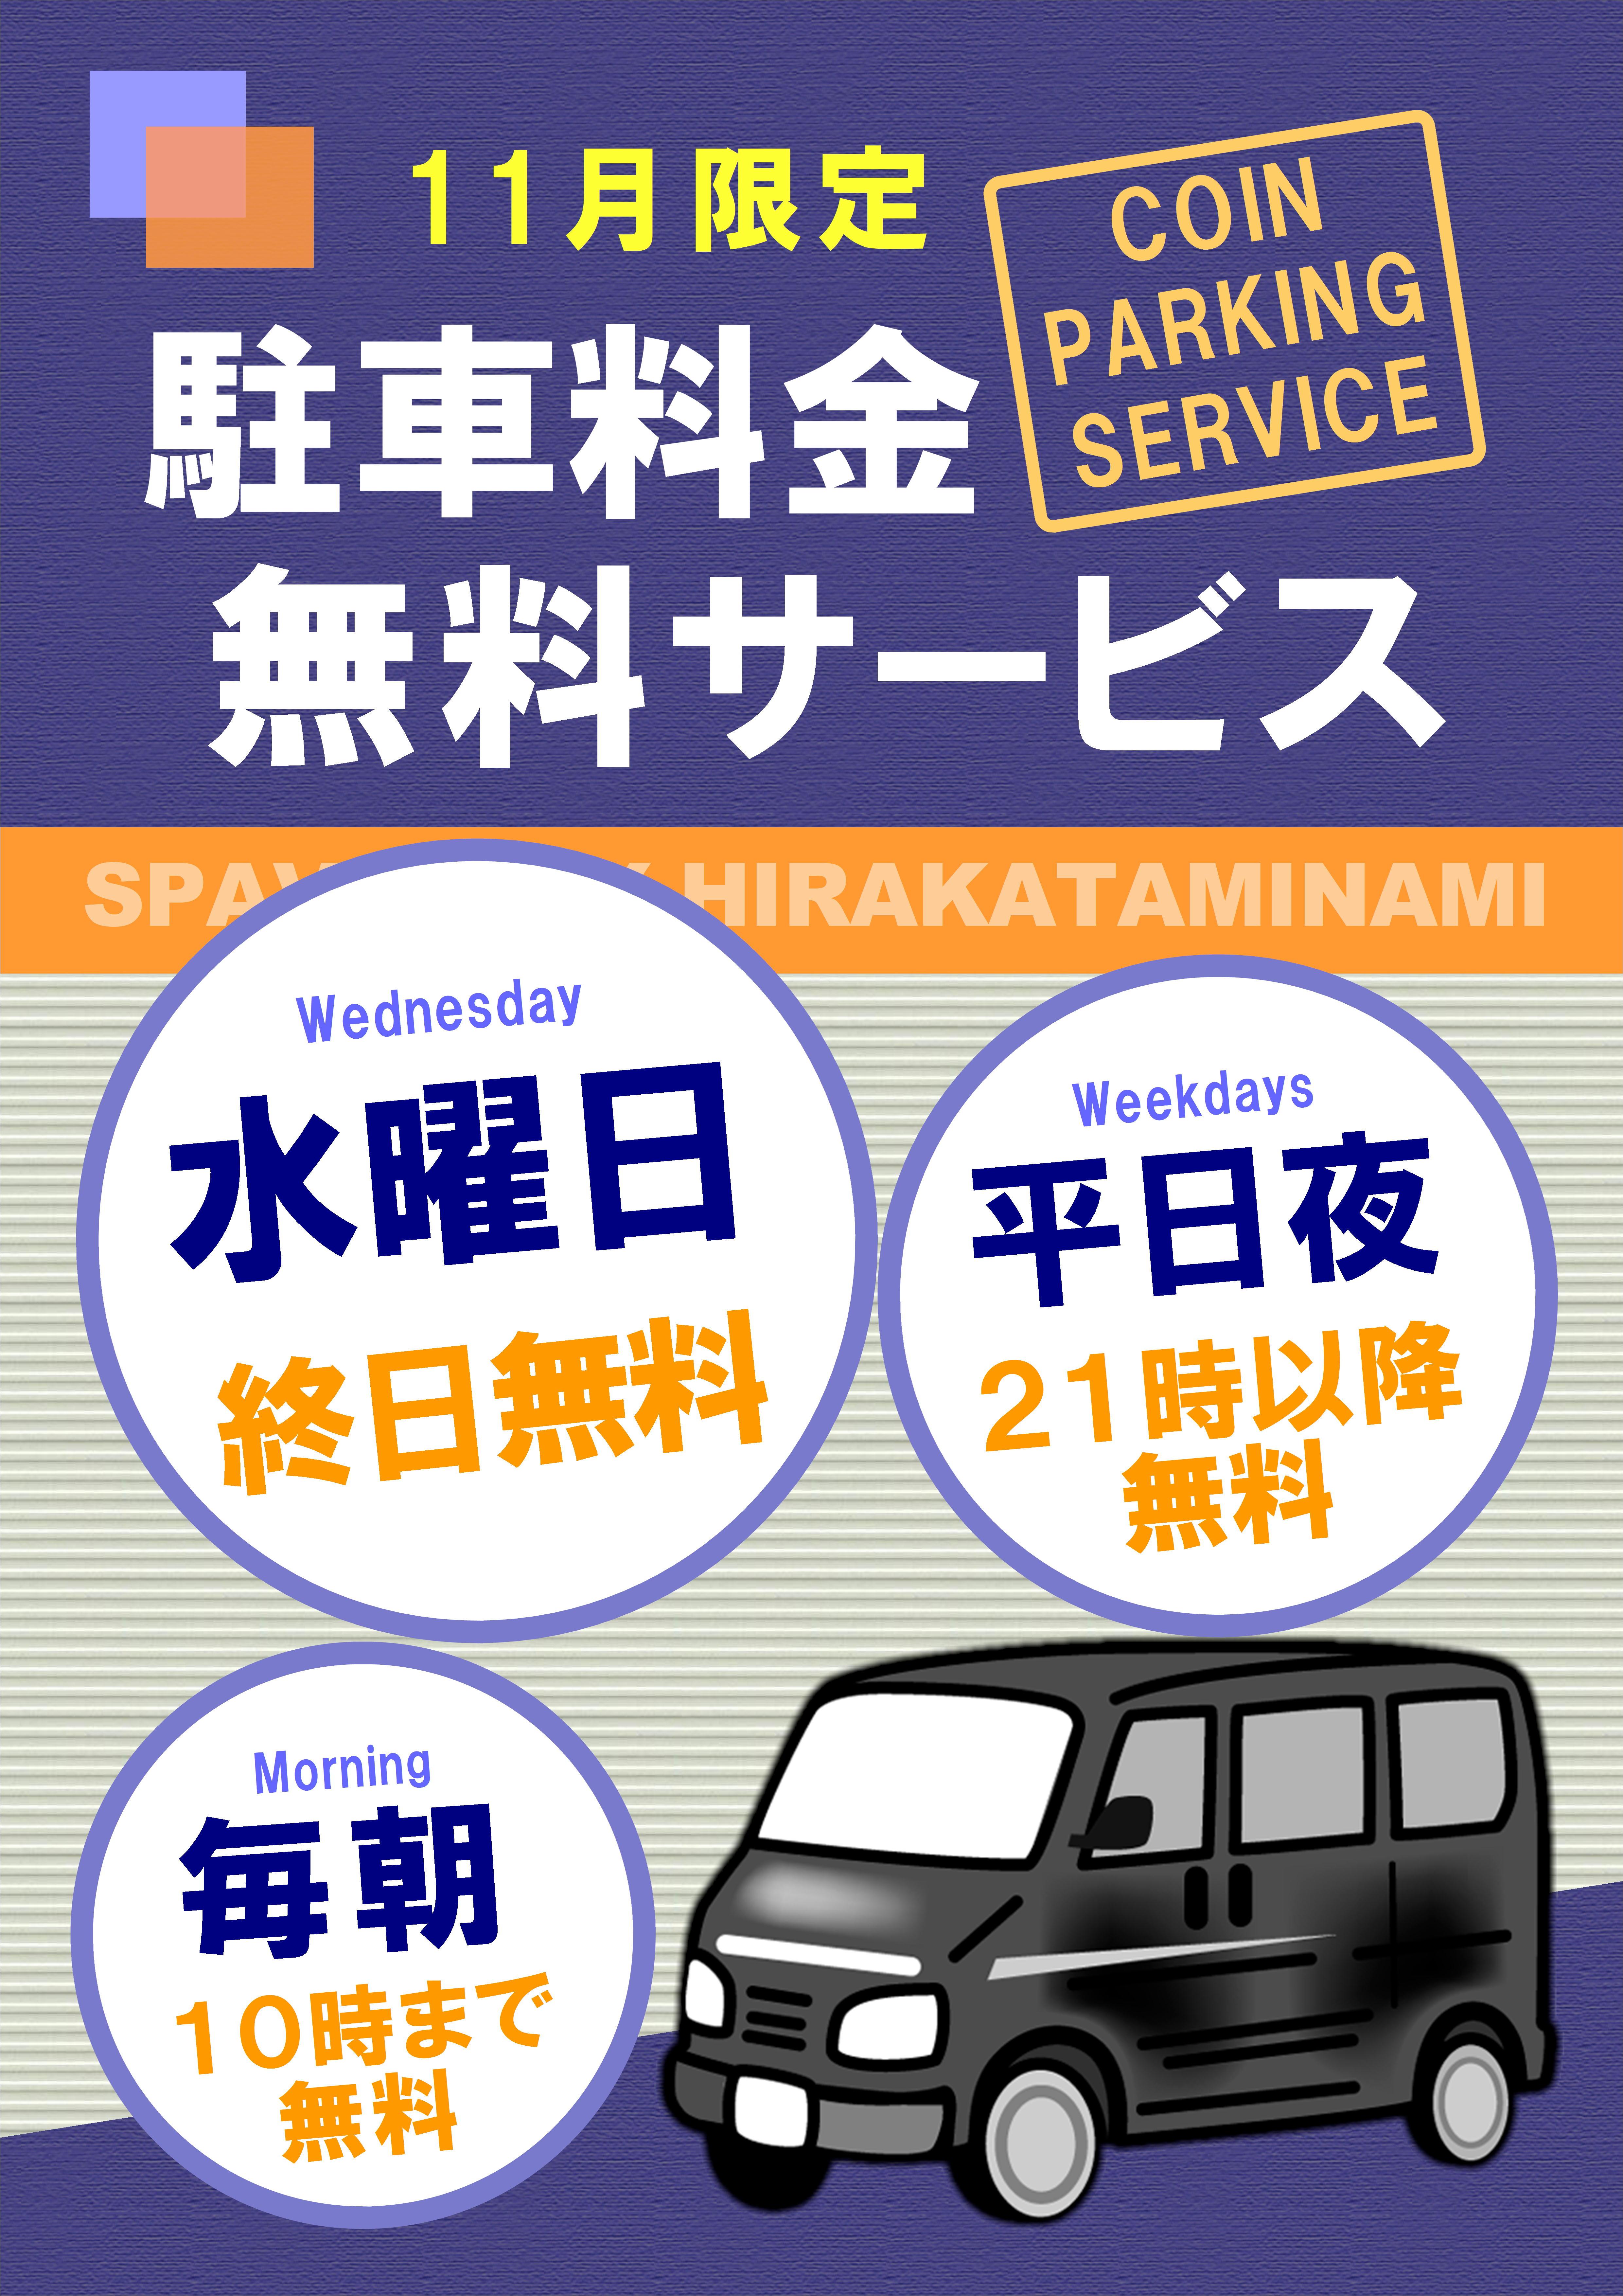 駐車料金キャンペーン11月